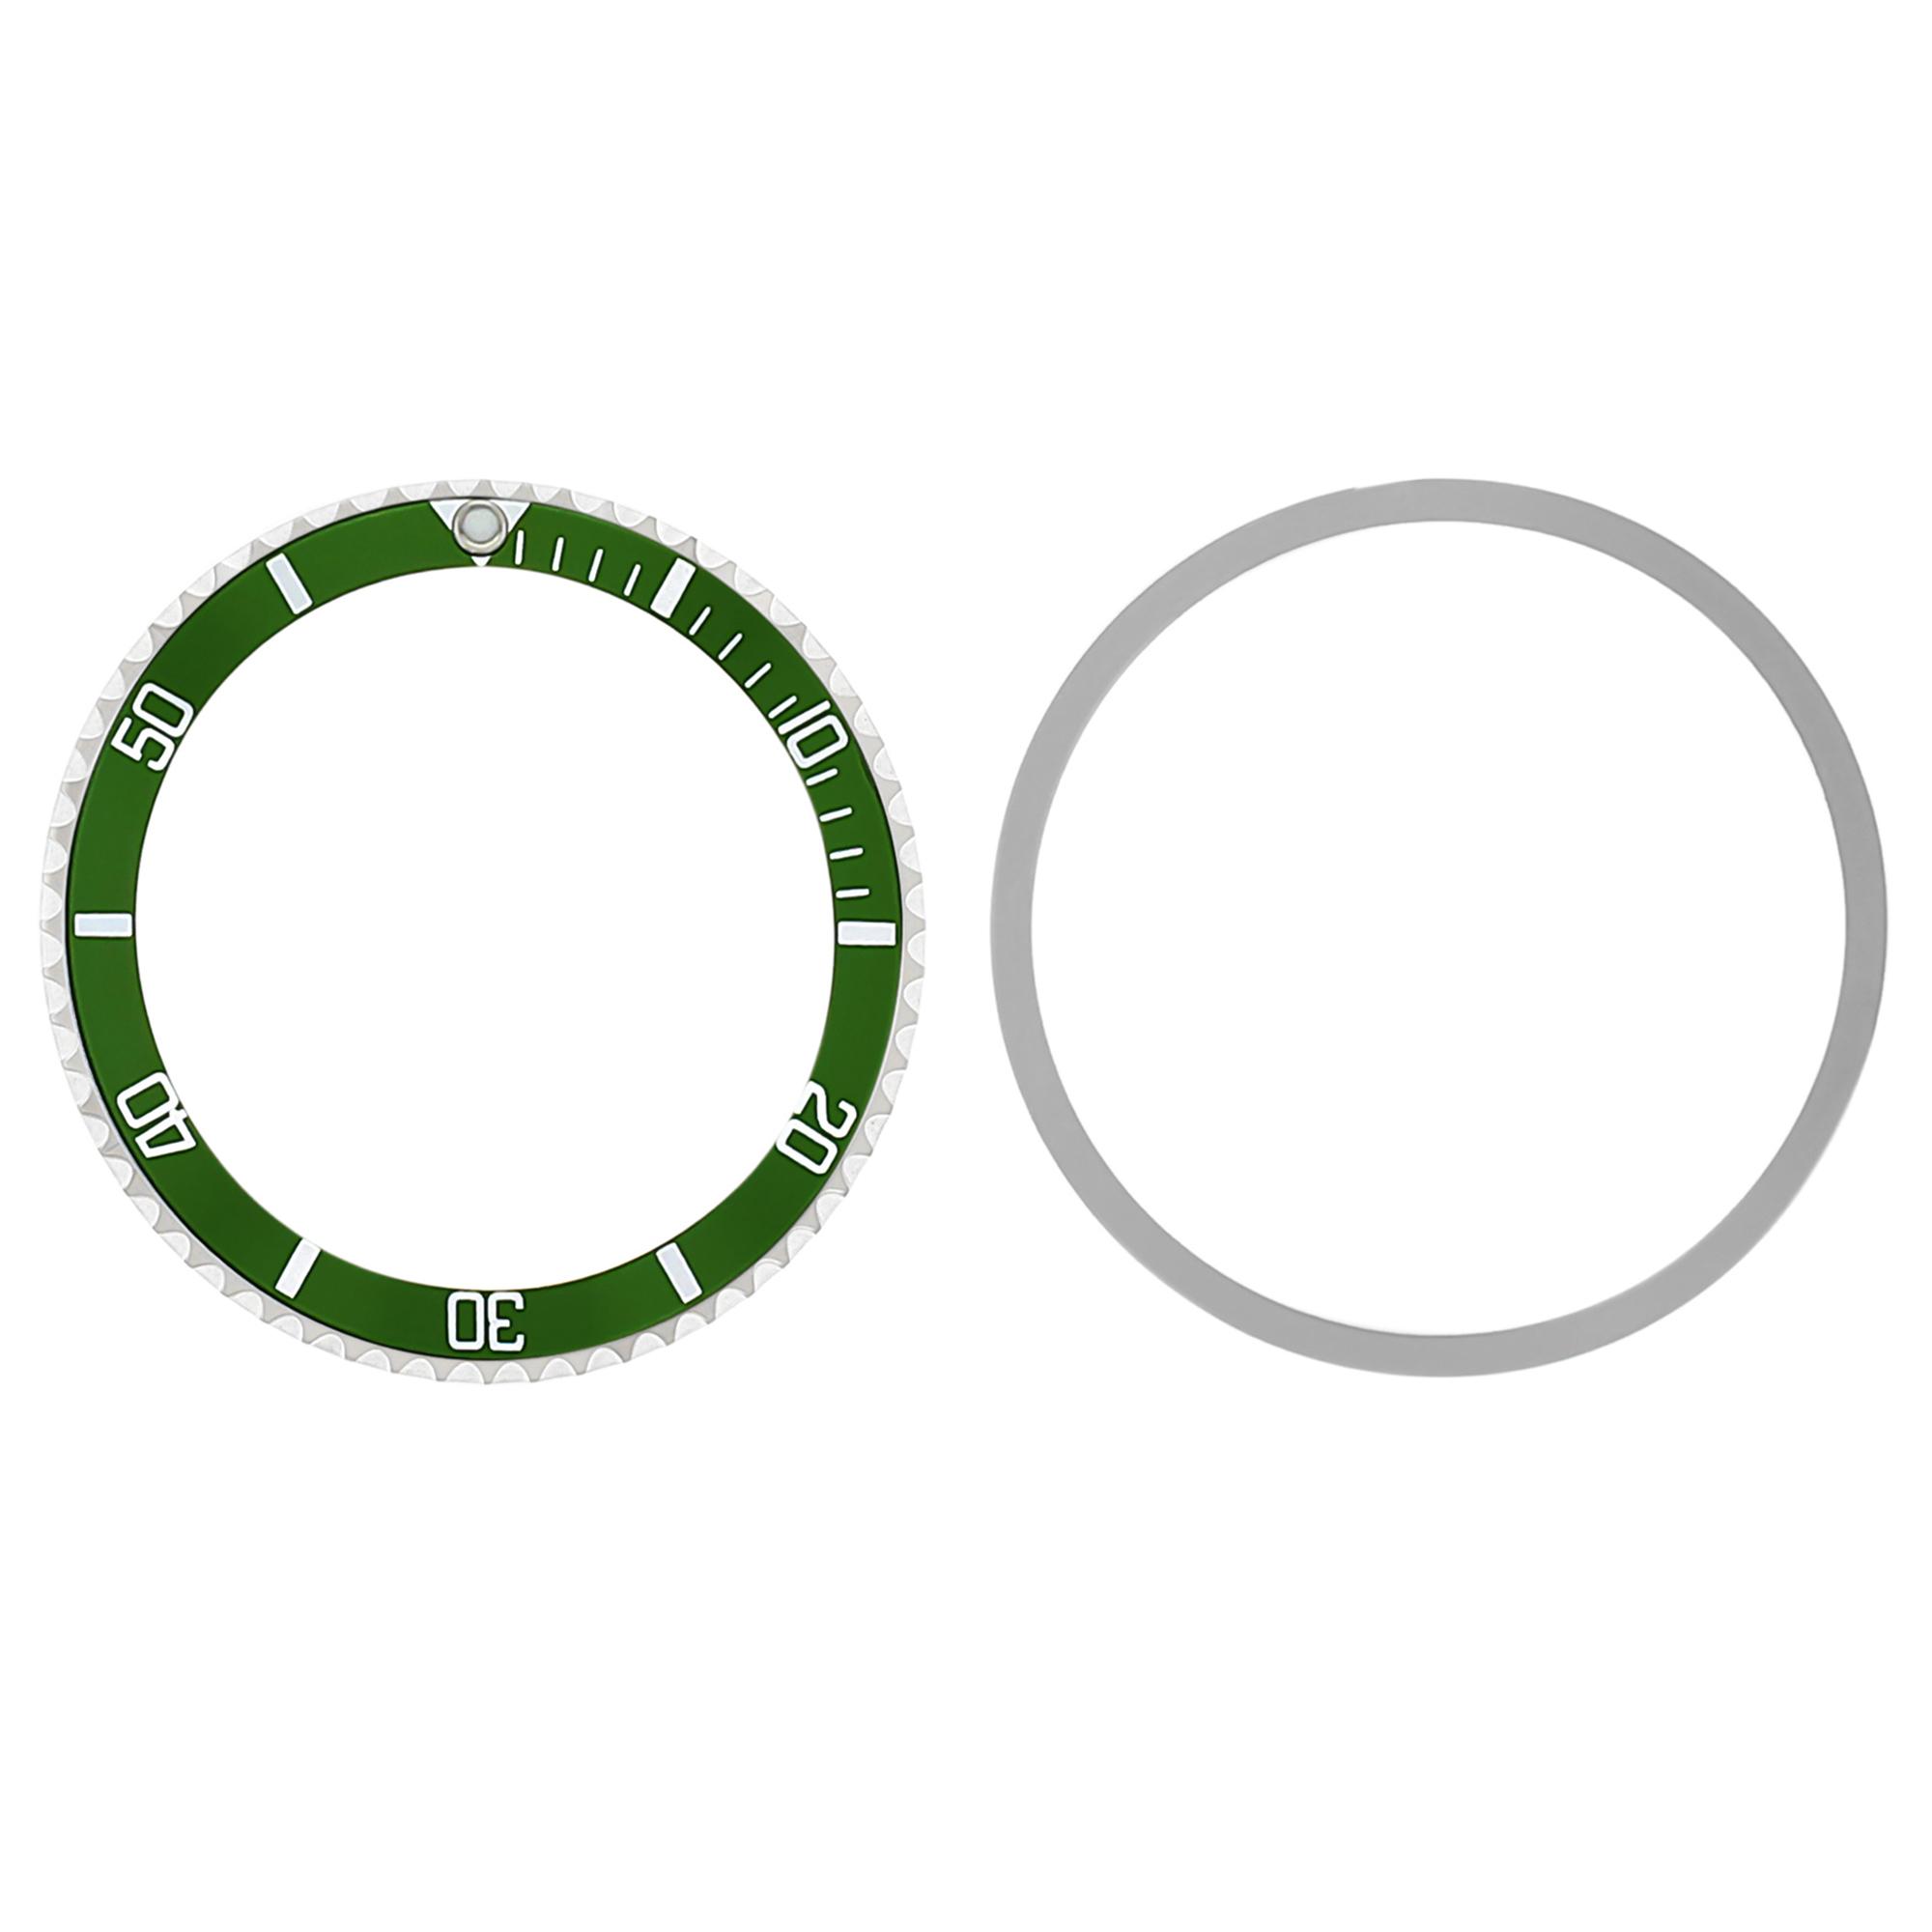 BEZEL & INSERT FOR ROLEX SUBMARINER 5508, 5512, 5513,1680 WATCH INSTALLED GREEN